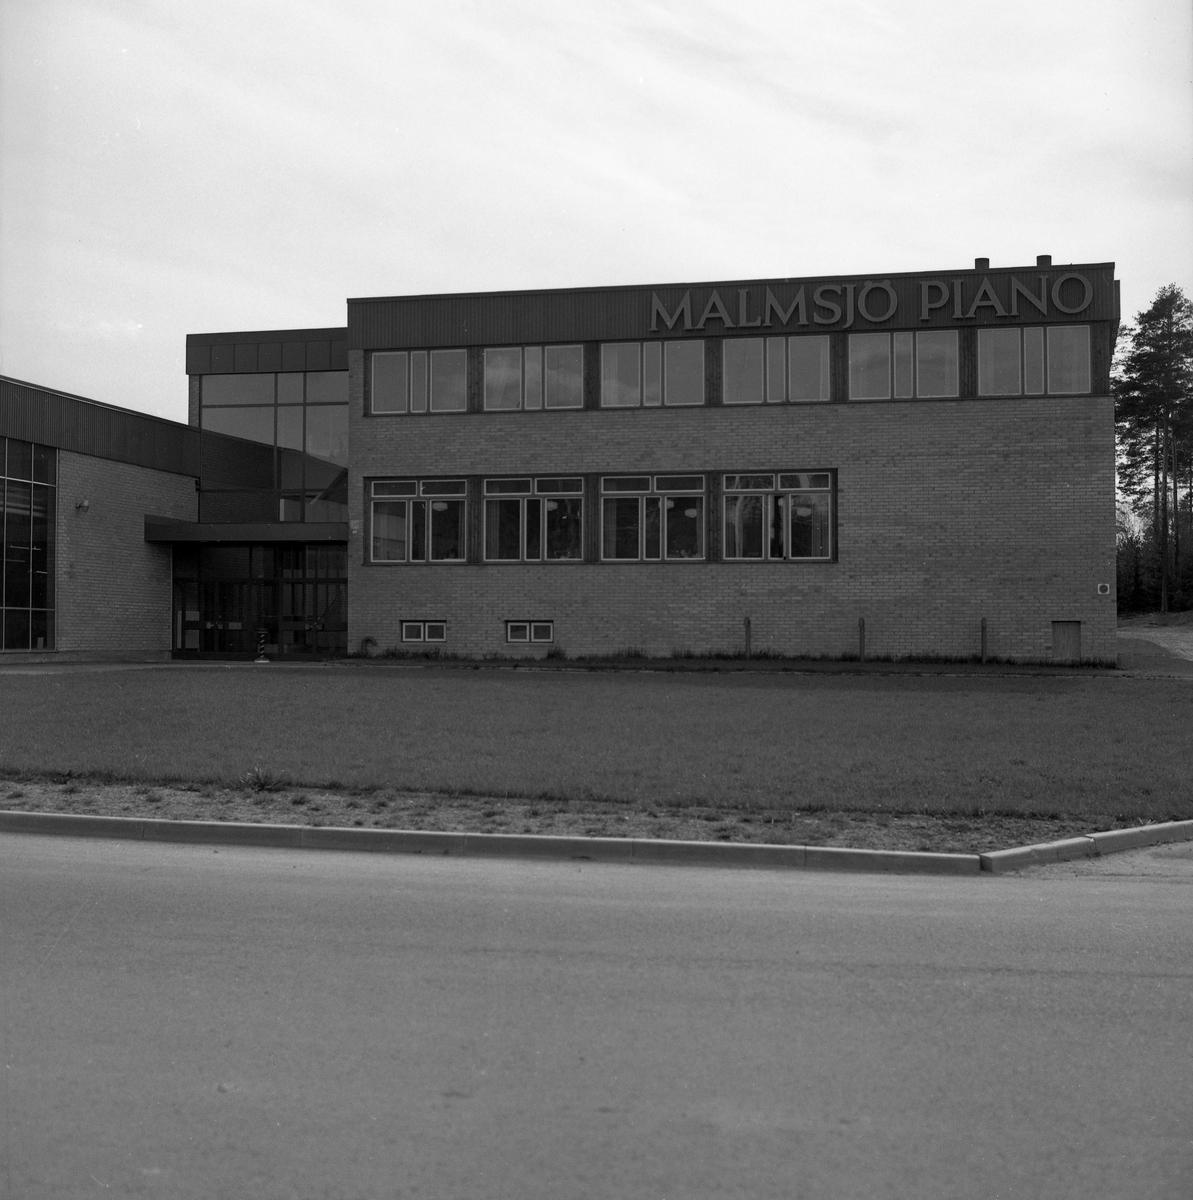 Bild från Malmsjös Pianofabrik i Arvika tagen den 12 maj 1971